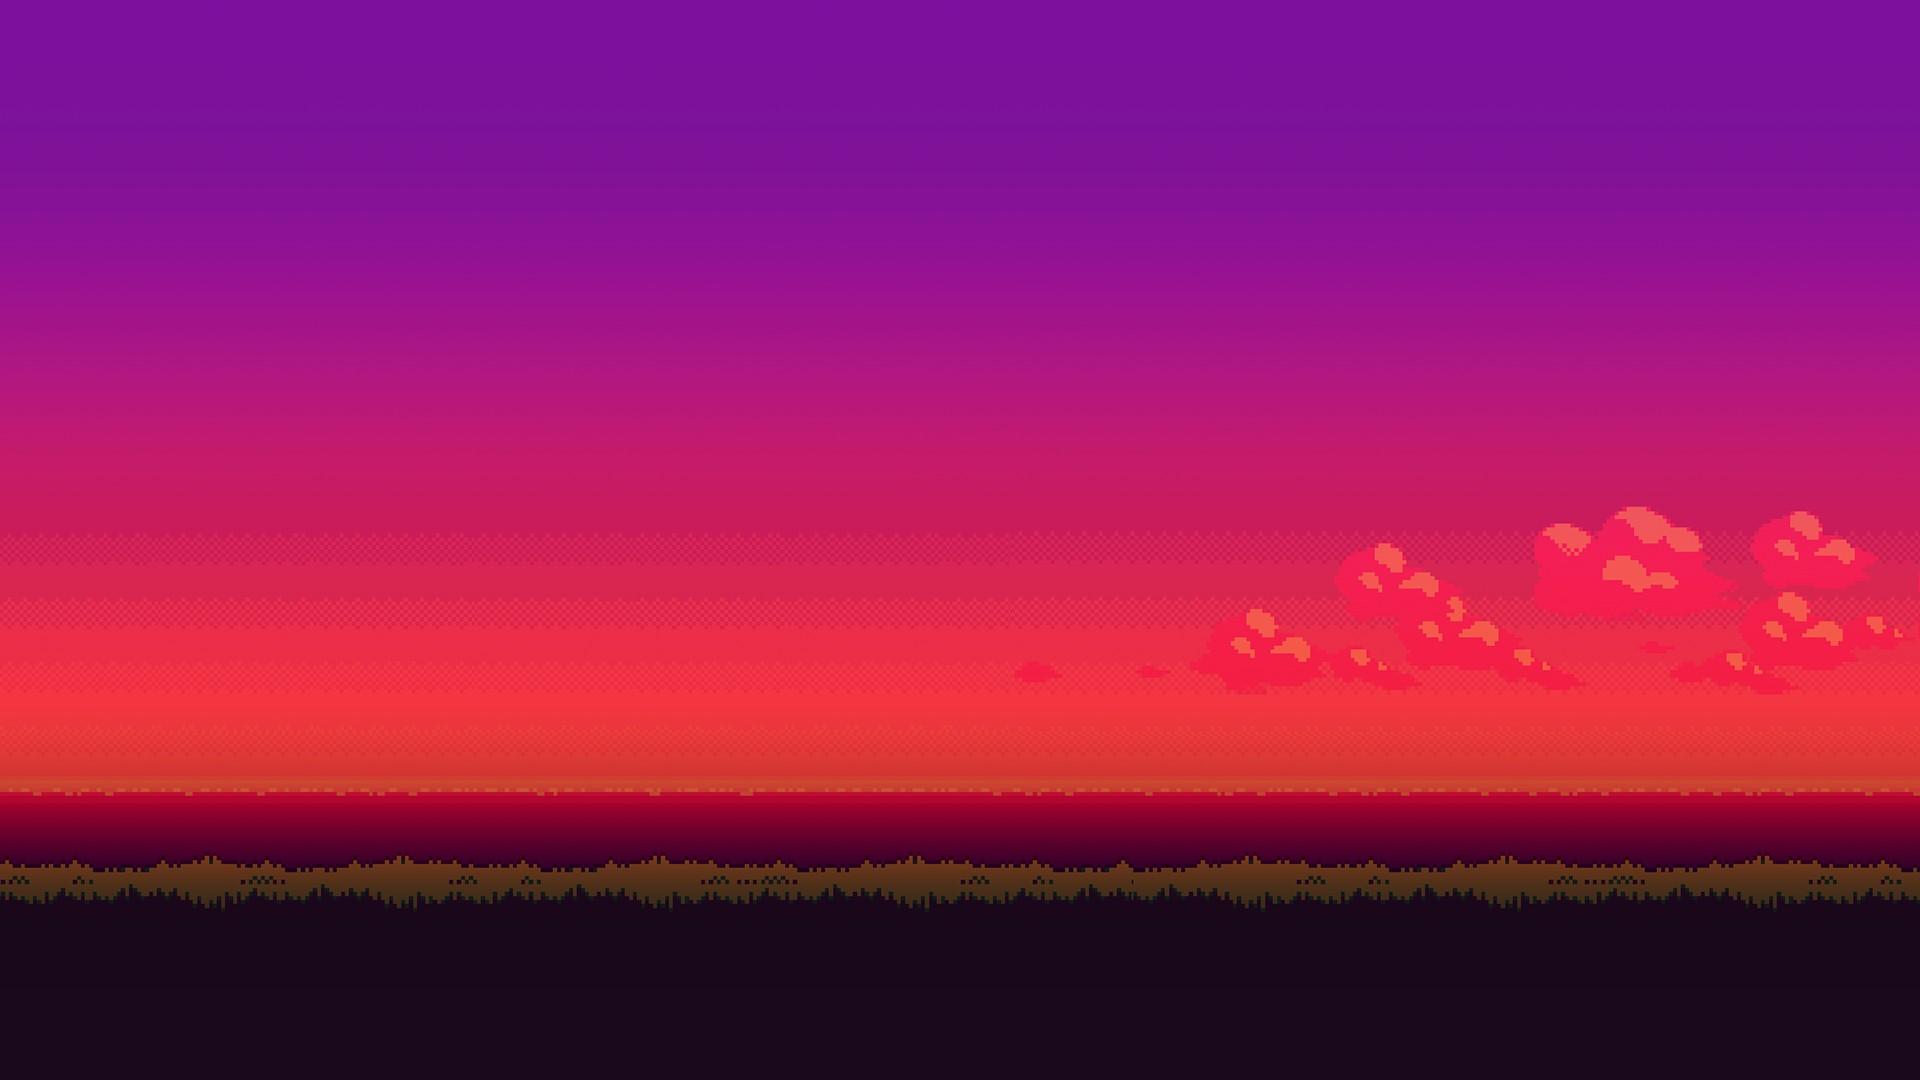 HD Wallpapers  Pexels